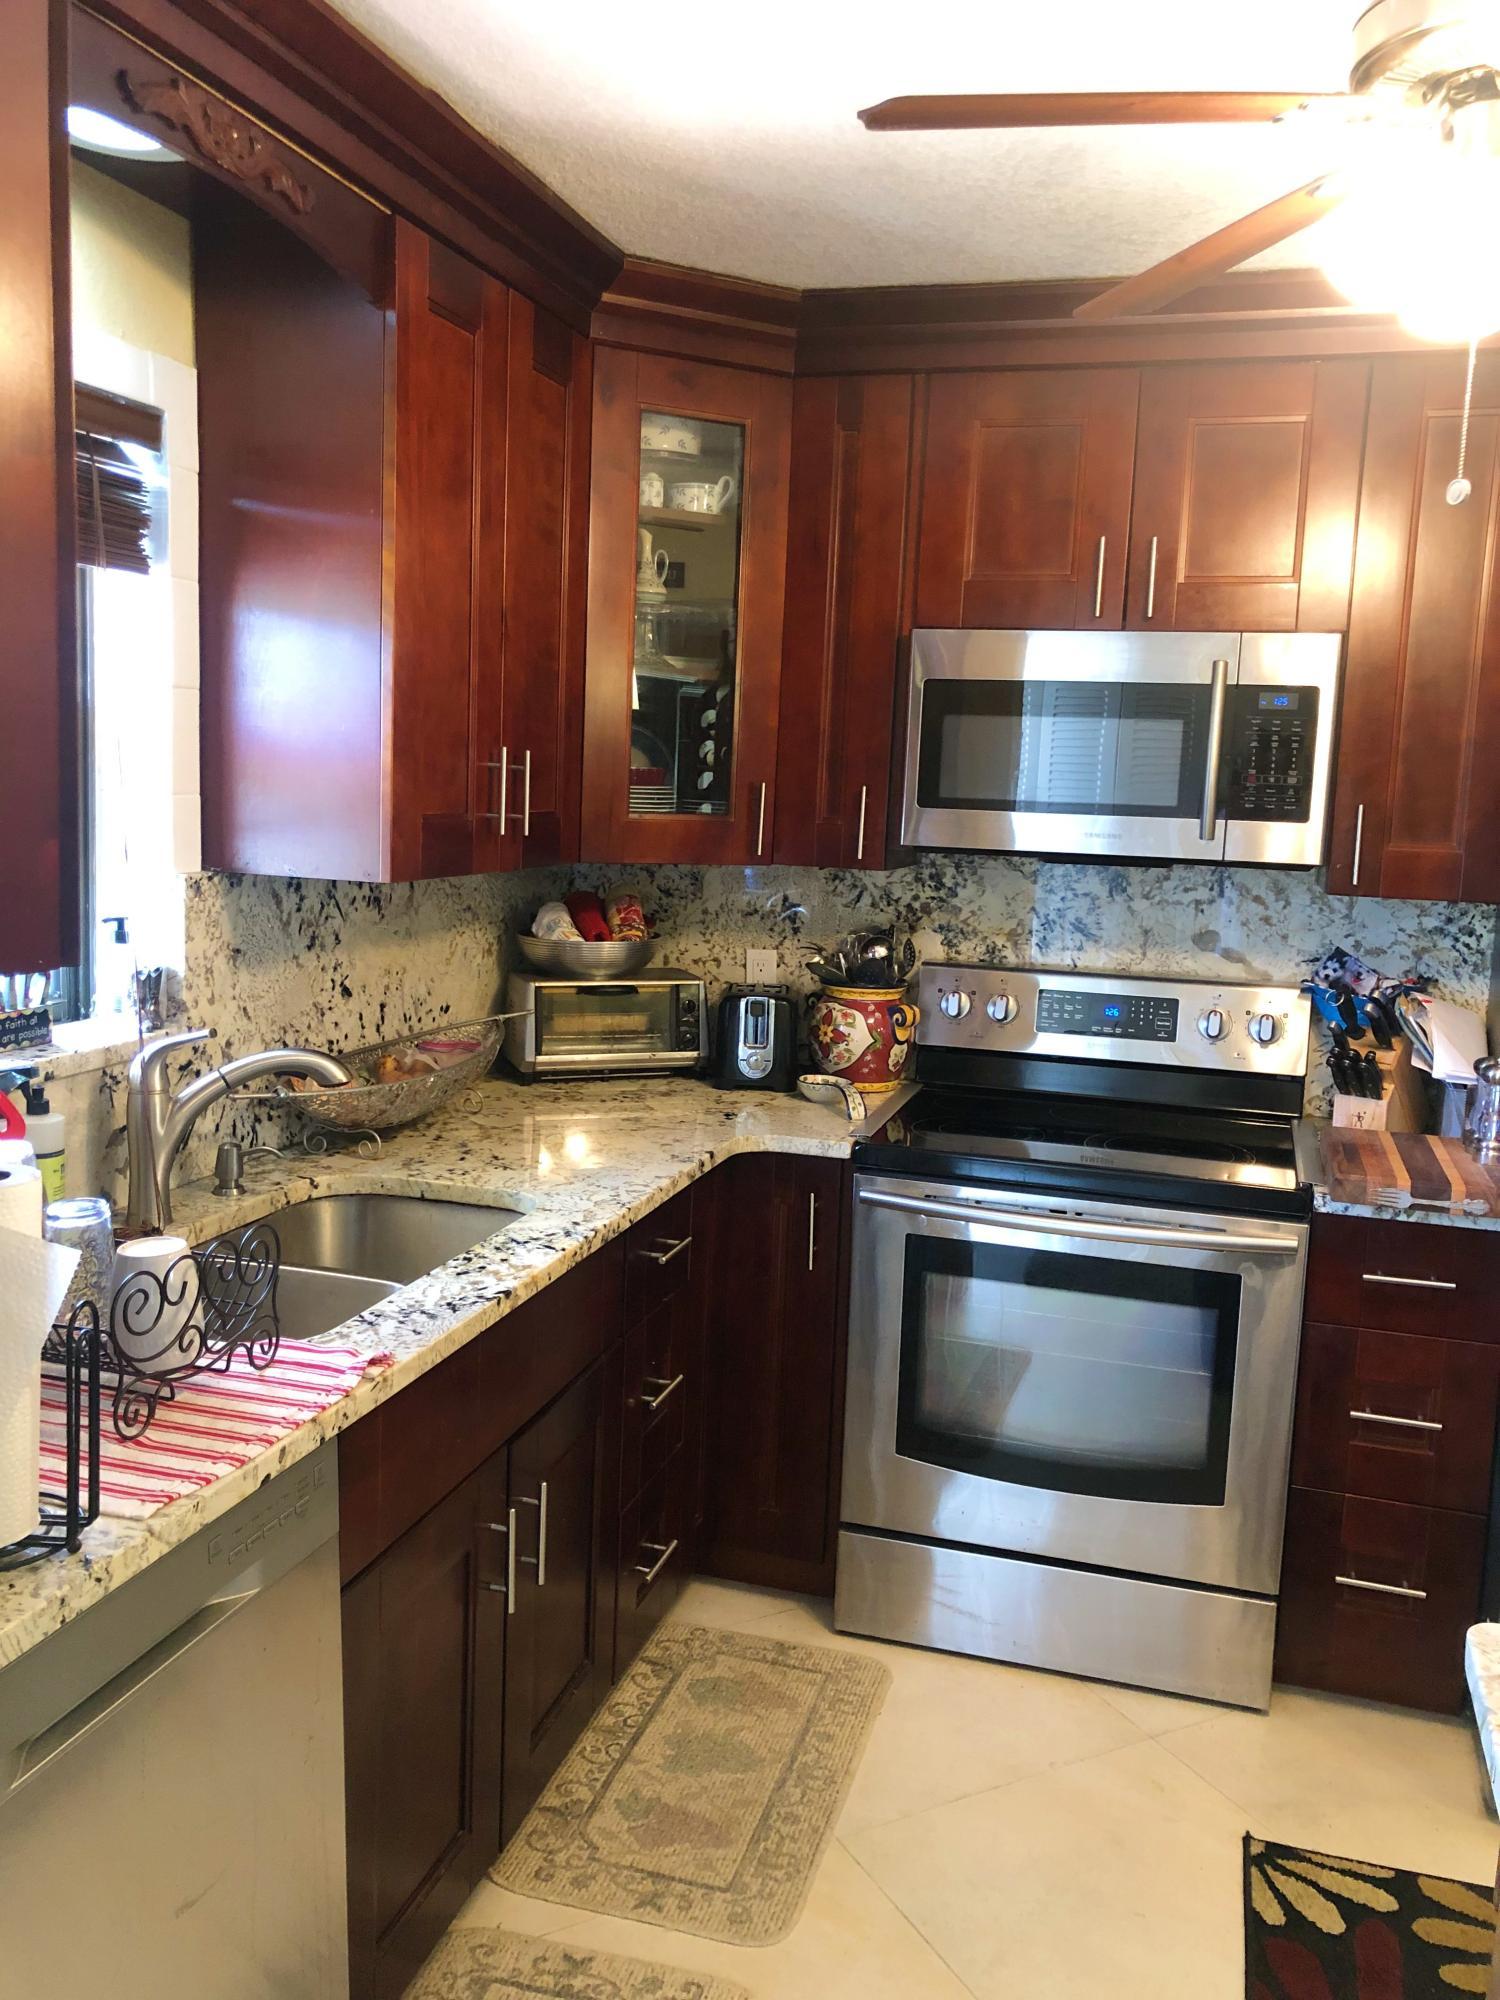 9273 8th Street, Boca Raton, Florida 33428, 2 Bedrooms Bedrooms, ,2 BathroomsBathrooms,Condo/Coop,For Rent,8th,2,RX-10543187